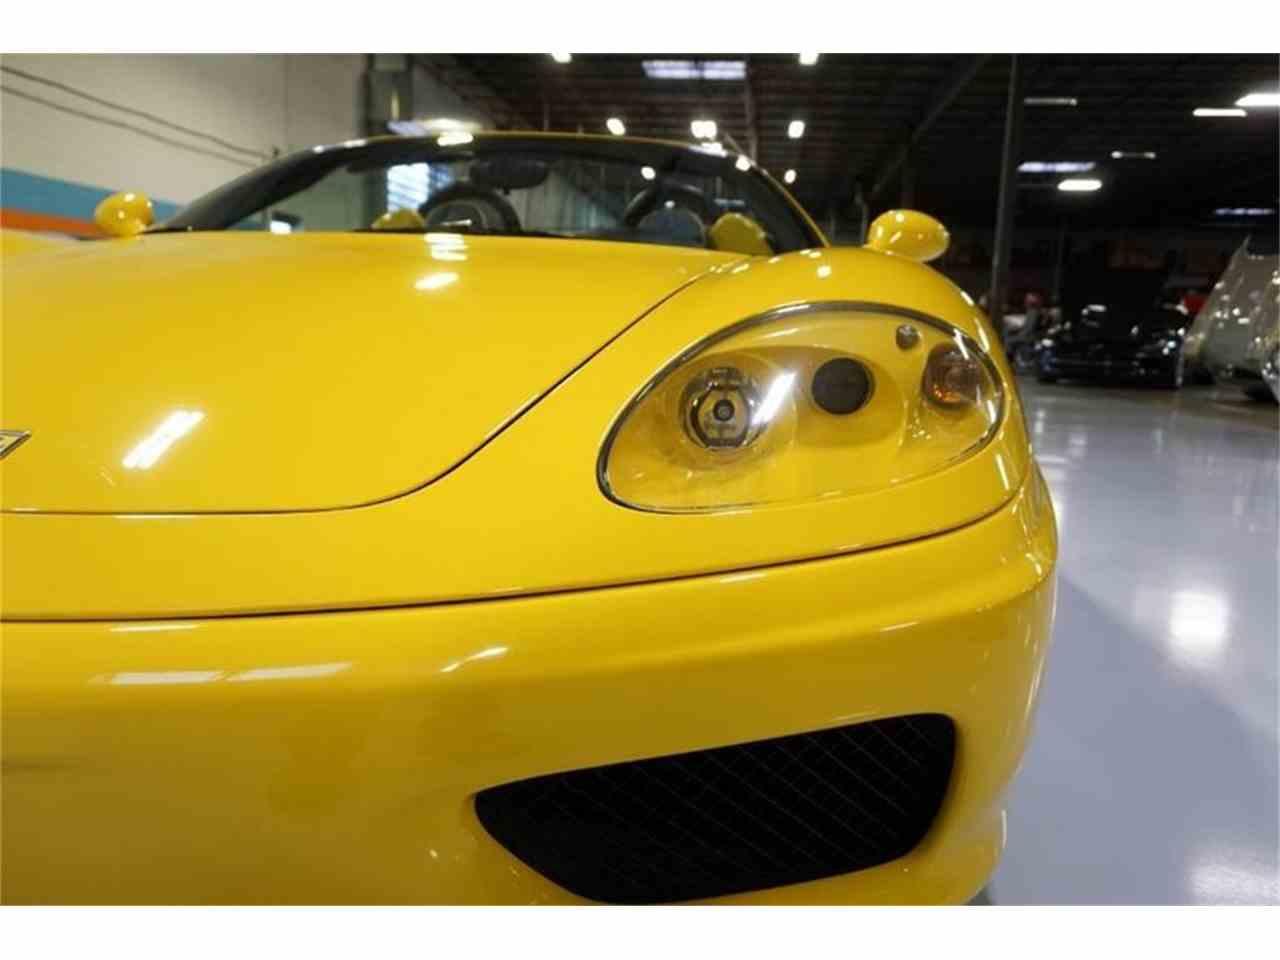 Large Picture of '04 Ferrari 360 located in Solon Ohio - $99,999.00 - MC5X